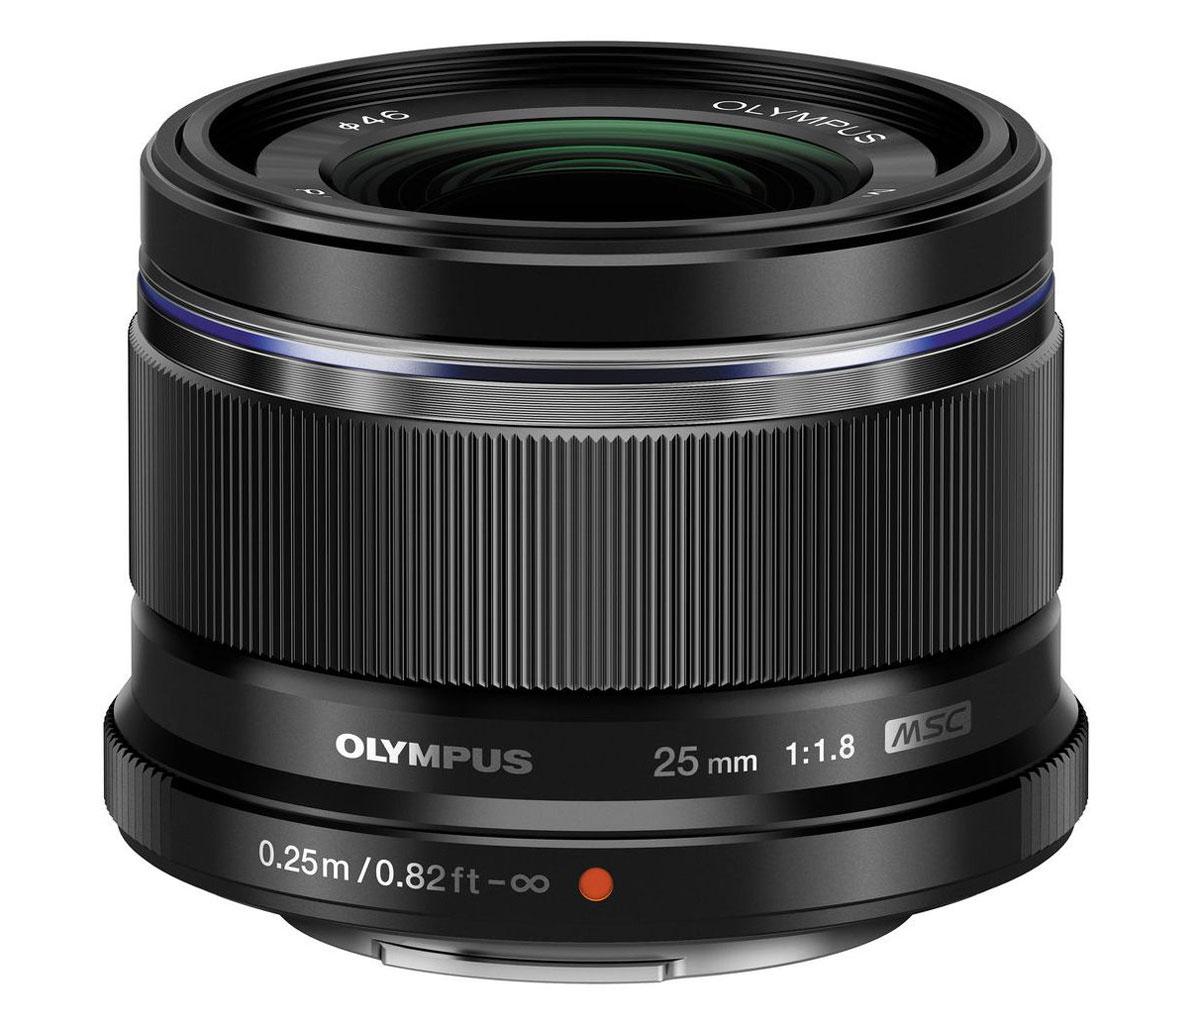 Olympus M.Zuiko Digital 25mm f/1.8, Black объектив